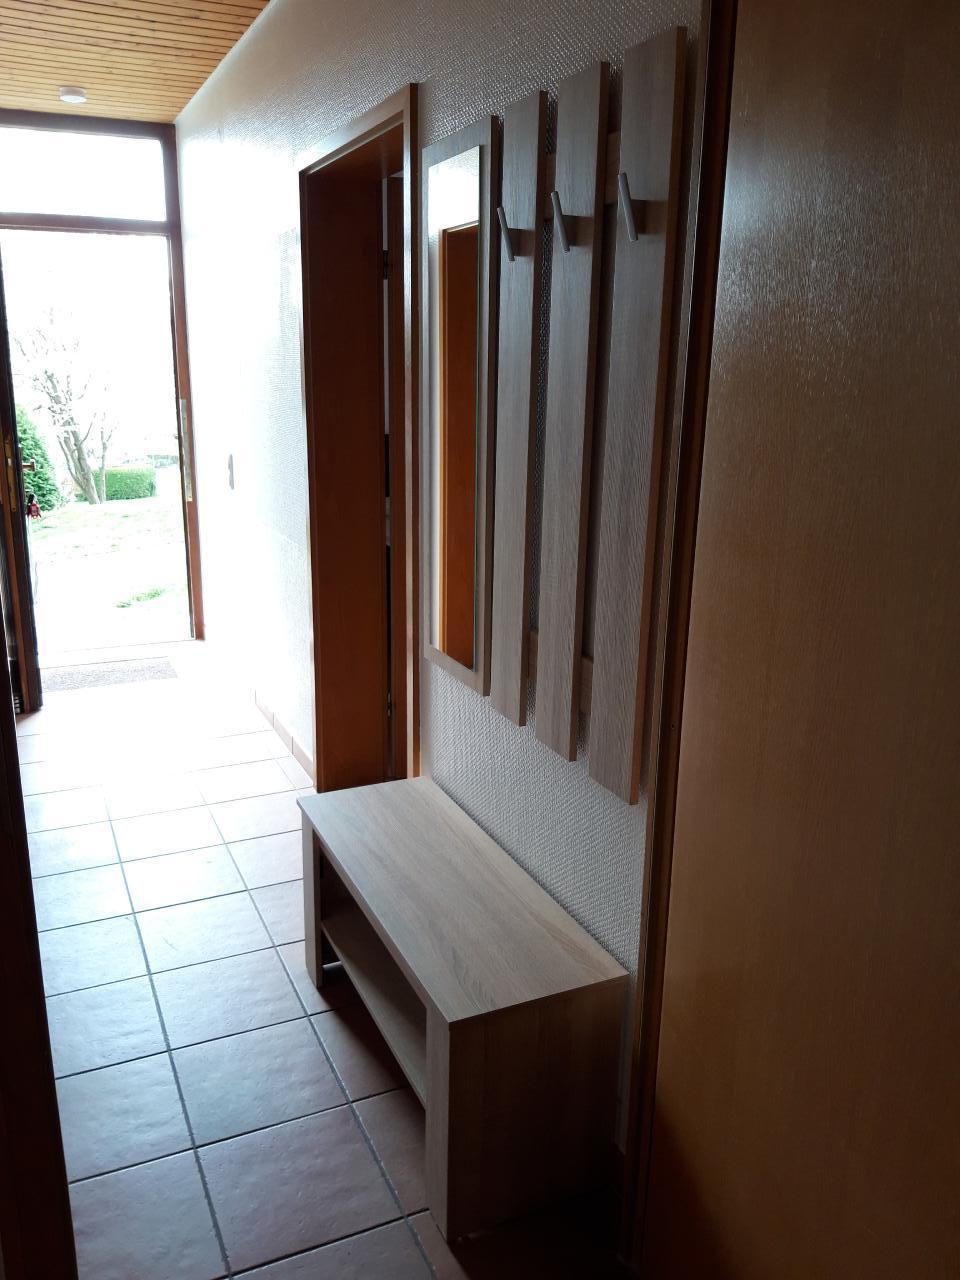 Ferienhaus / Bungalow 15 neu renoviert für 4-6 Personen in der Rhön Residence Bungalows (757460), Dipperz, Rhön (Hessen), Hessen, Deutschland, Bild 3